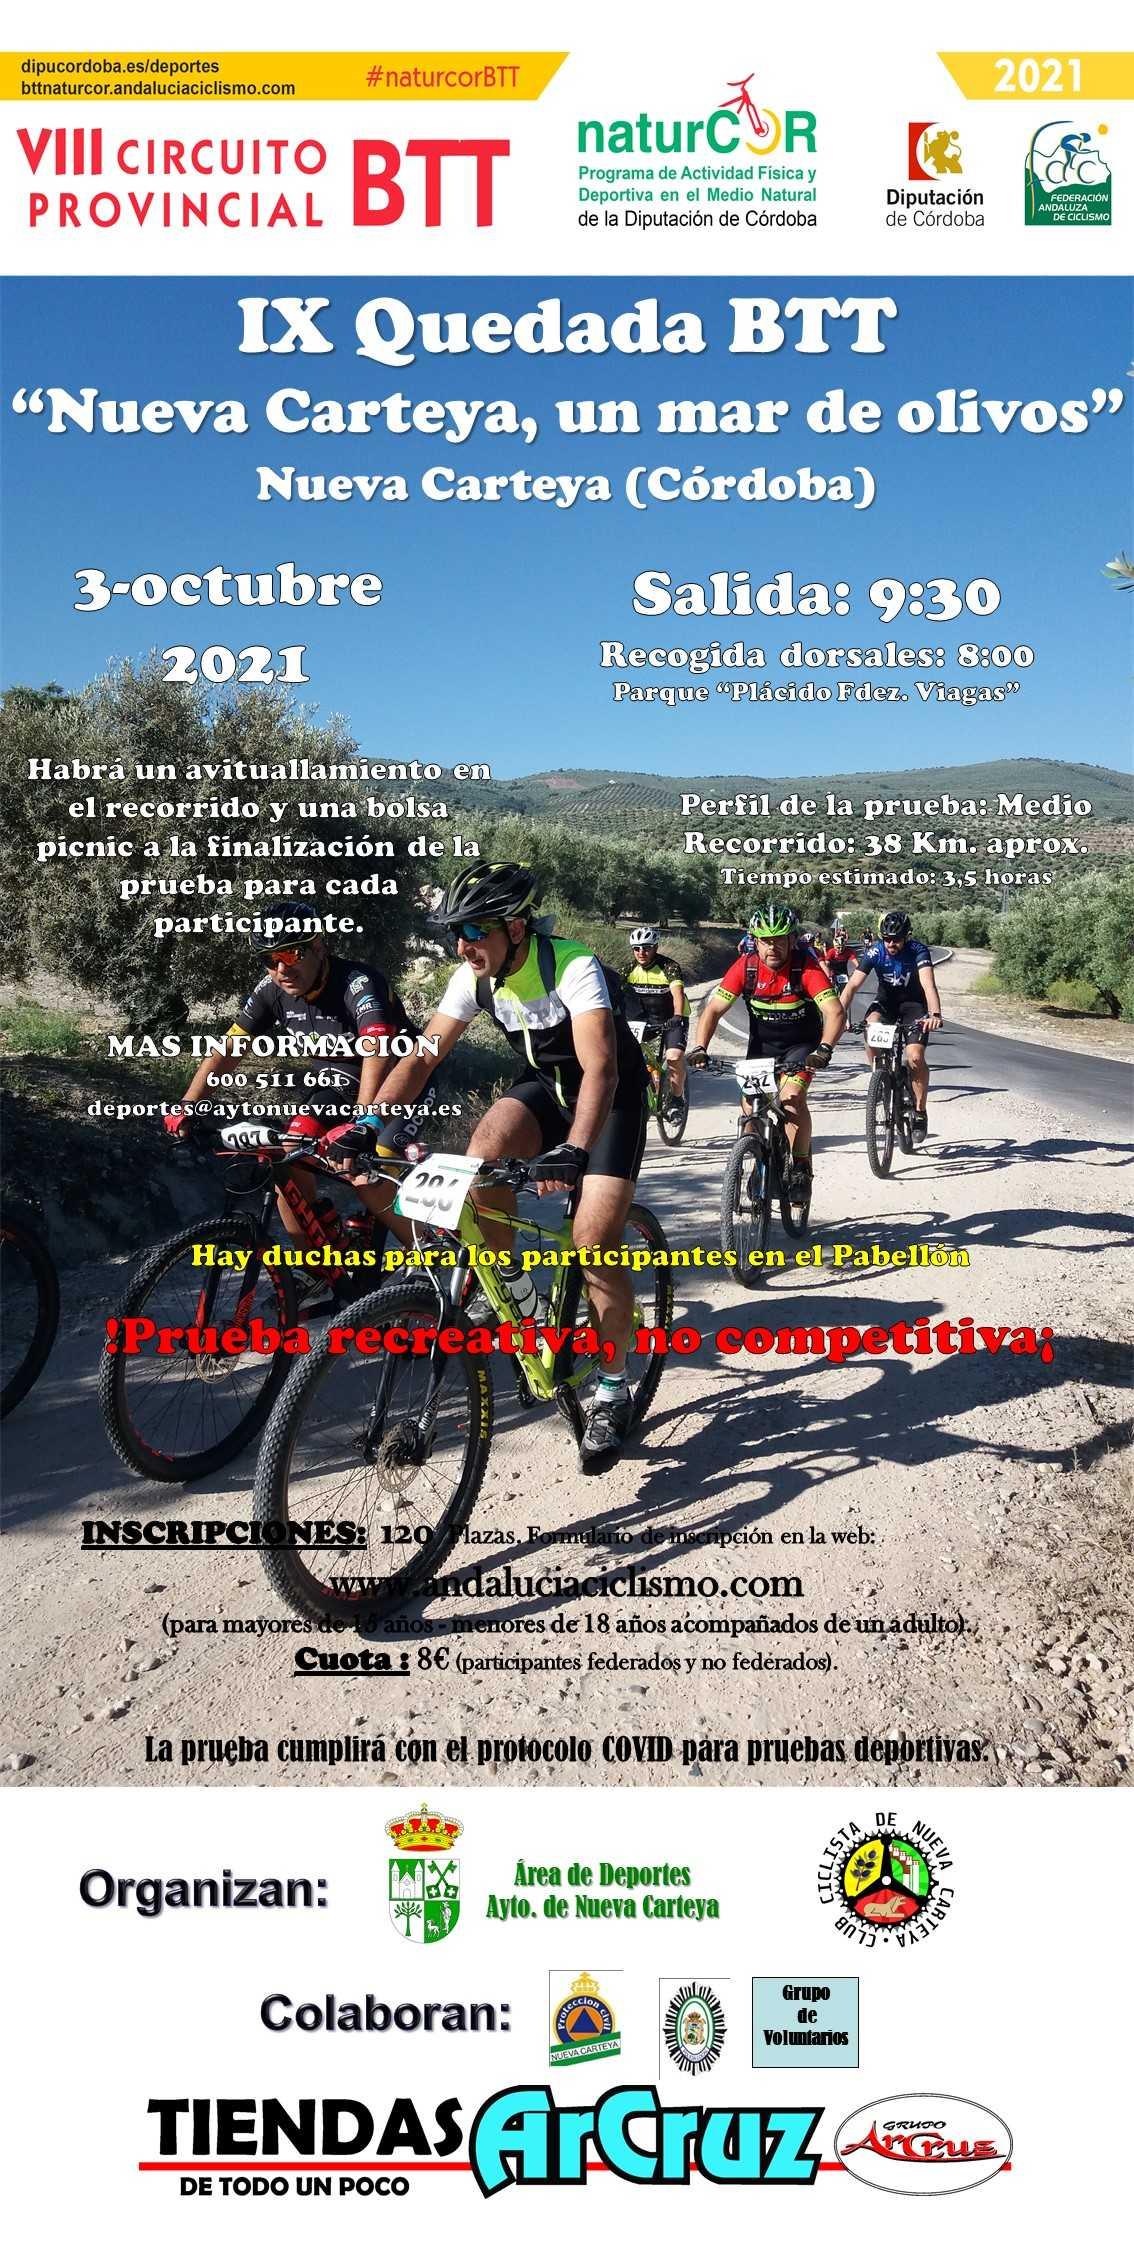 La marcha 'Un mar de olivos' retomará en Nueva Carteya el NaturCor